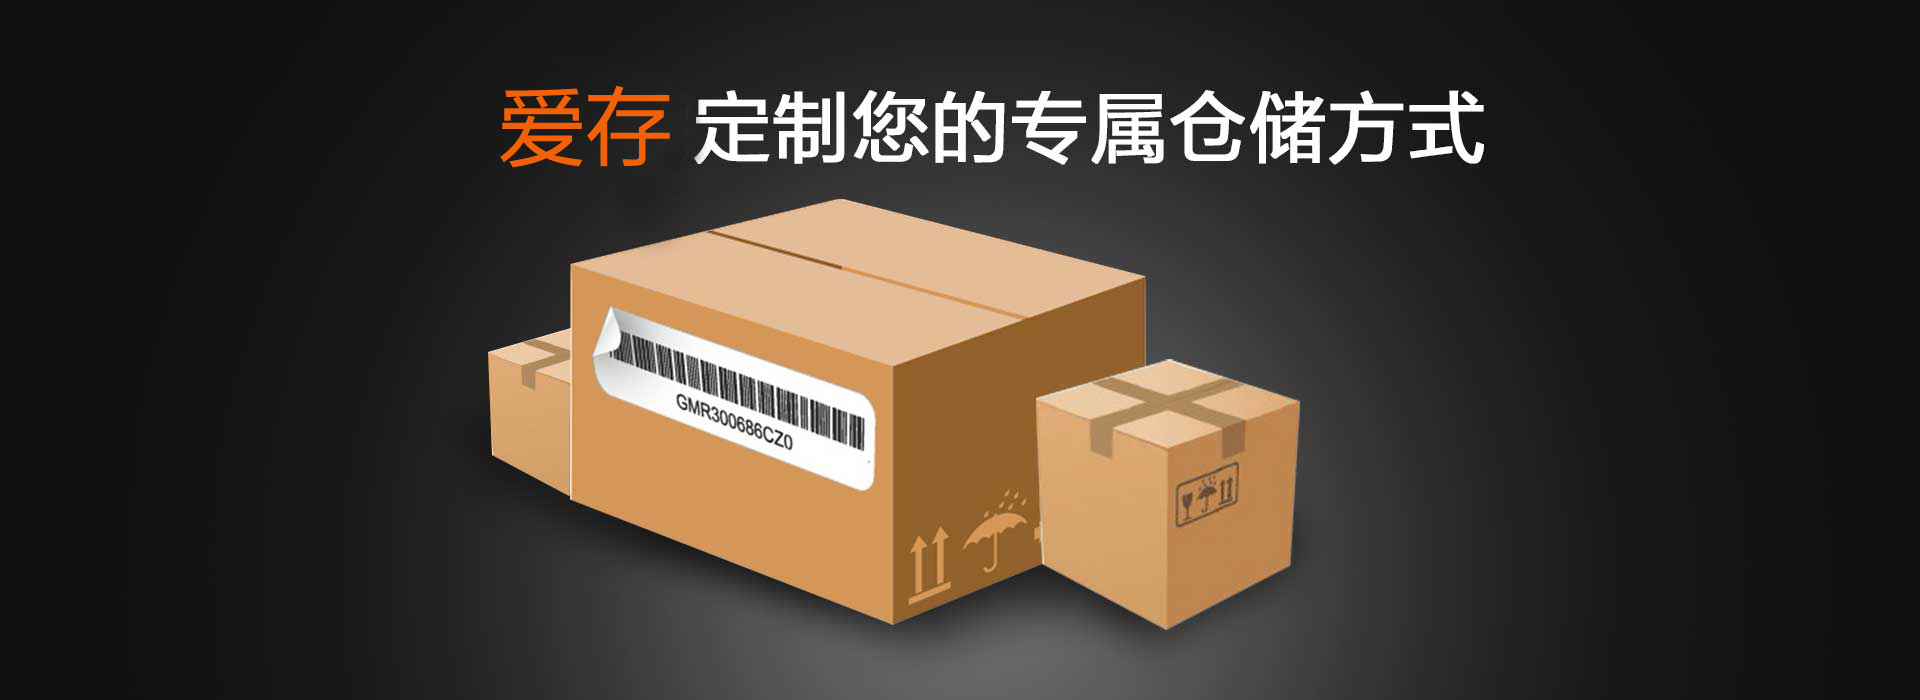 定制货物进销存管理系统